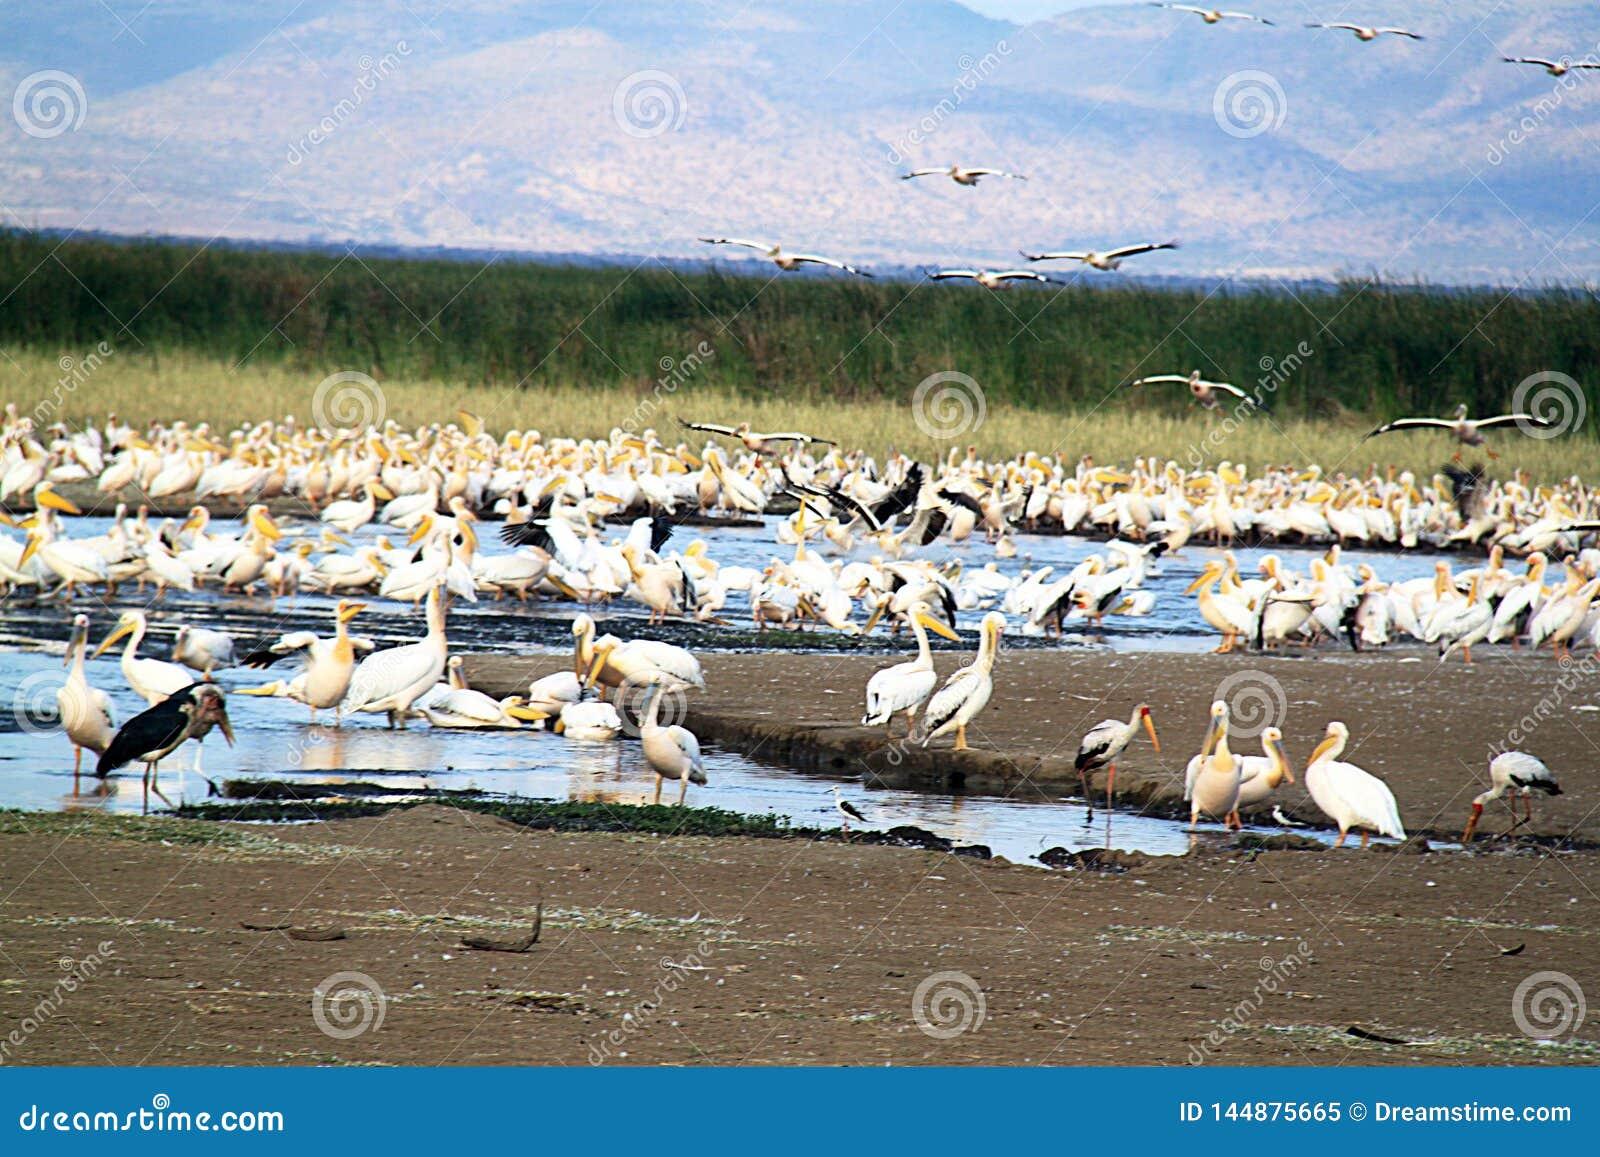 Birdlife in Tanzania